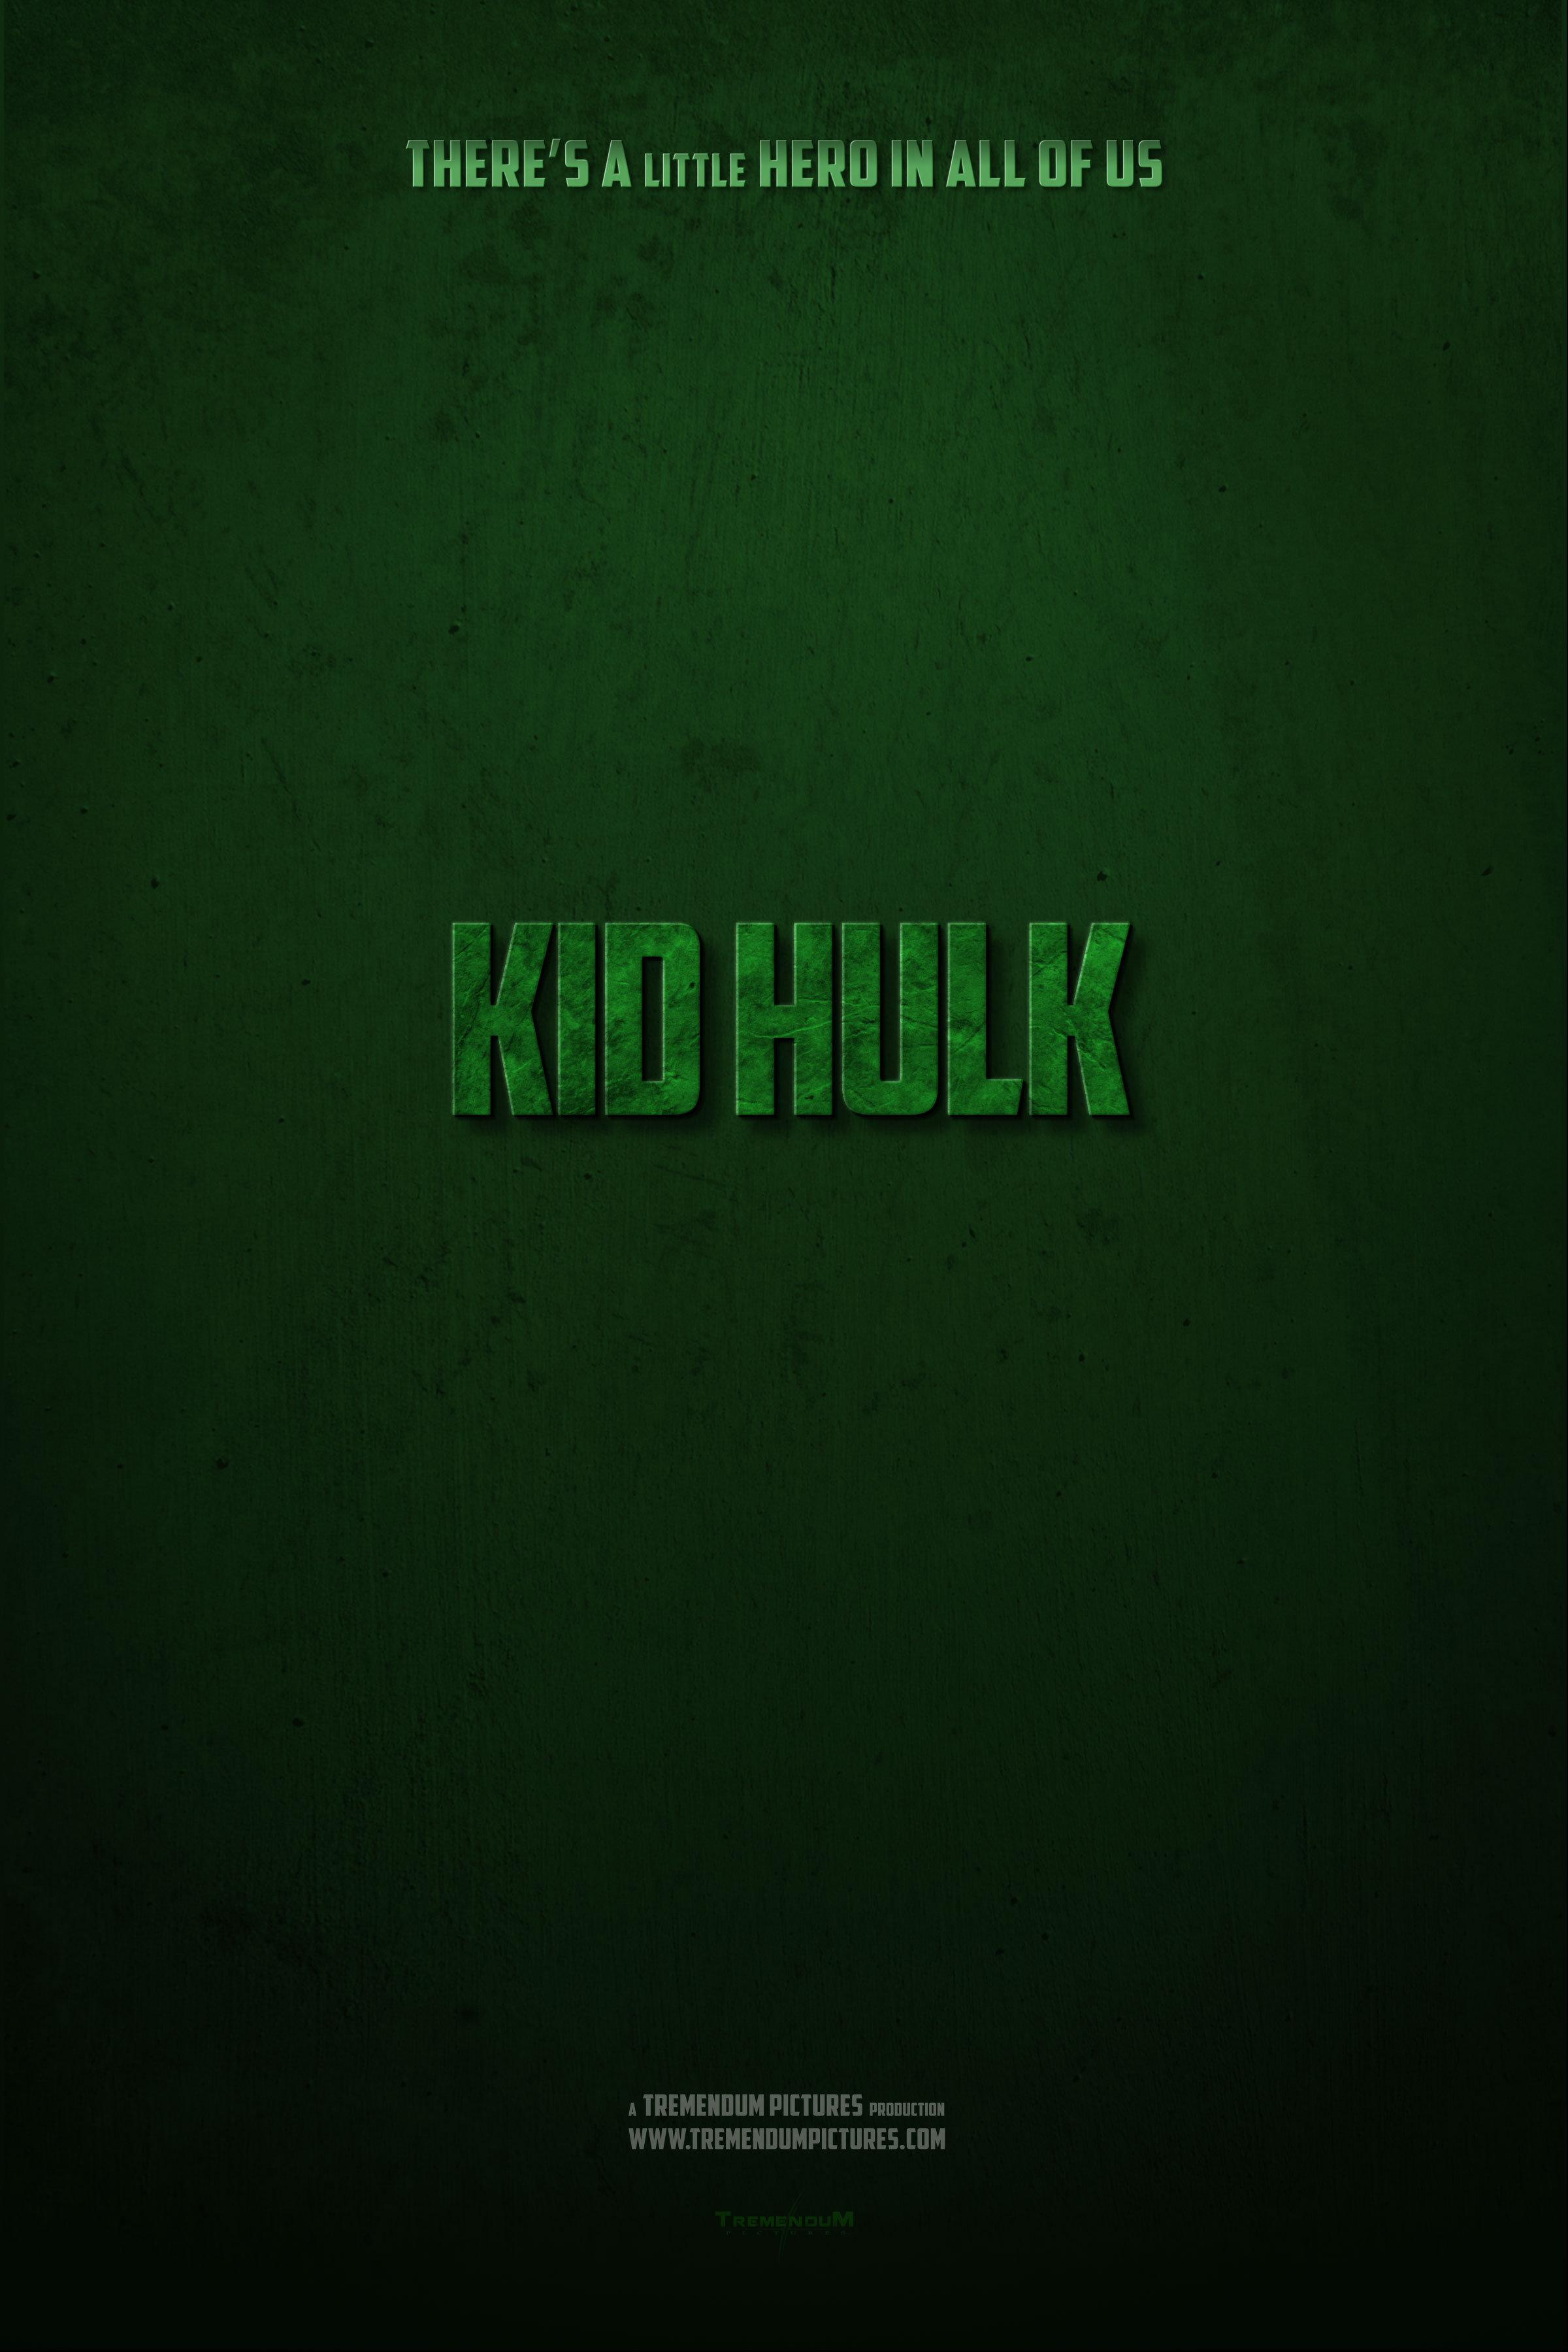 Kid HULK